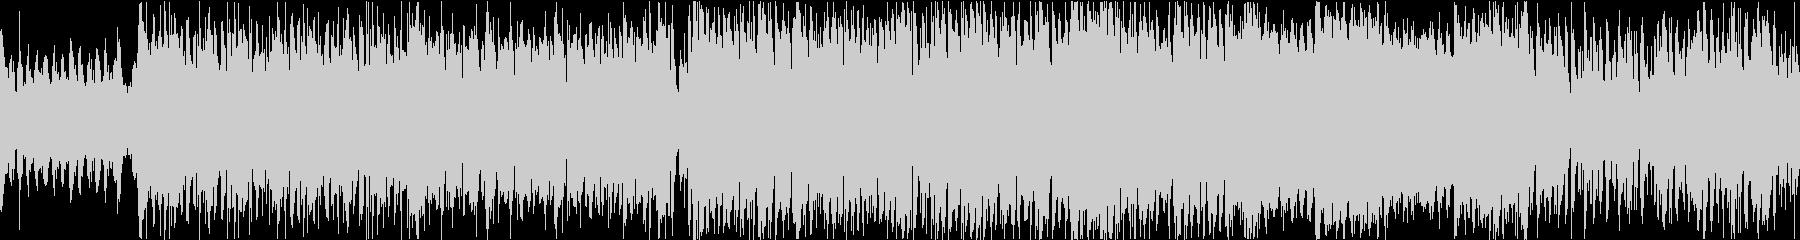 さわやかなケルト曲(ループ)の未再生の波形